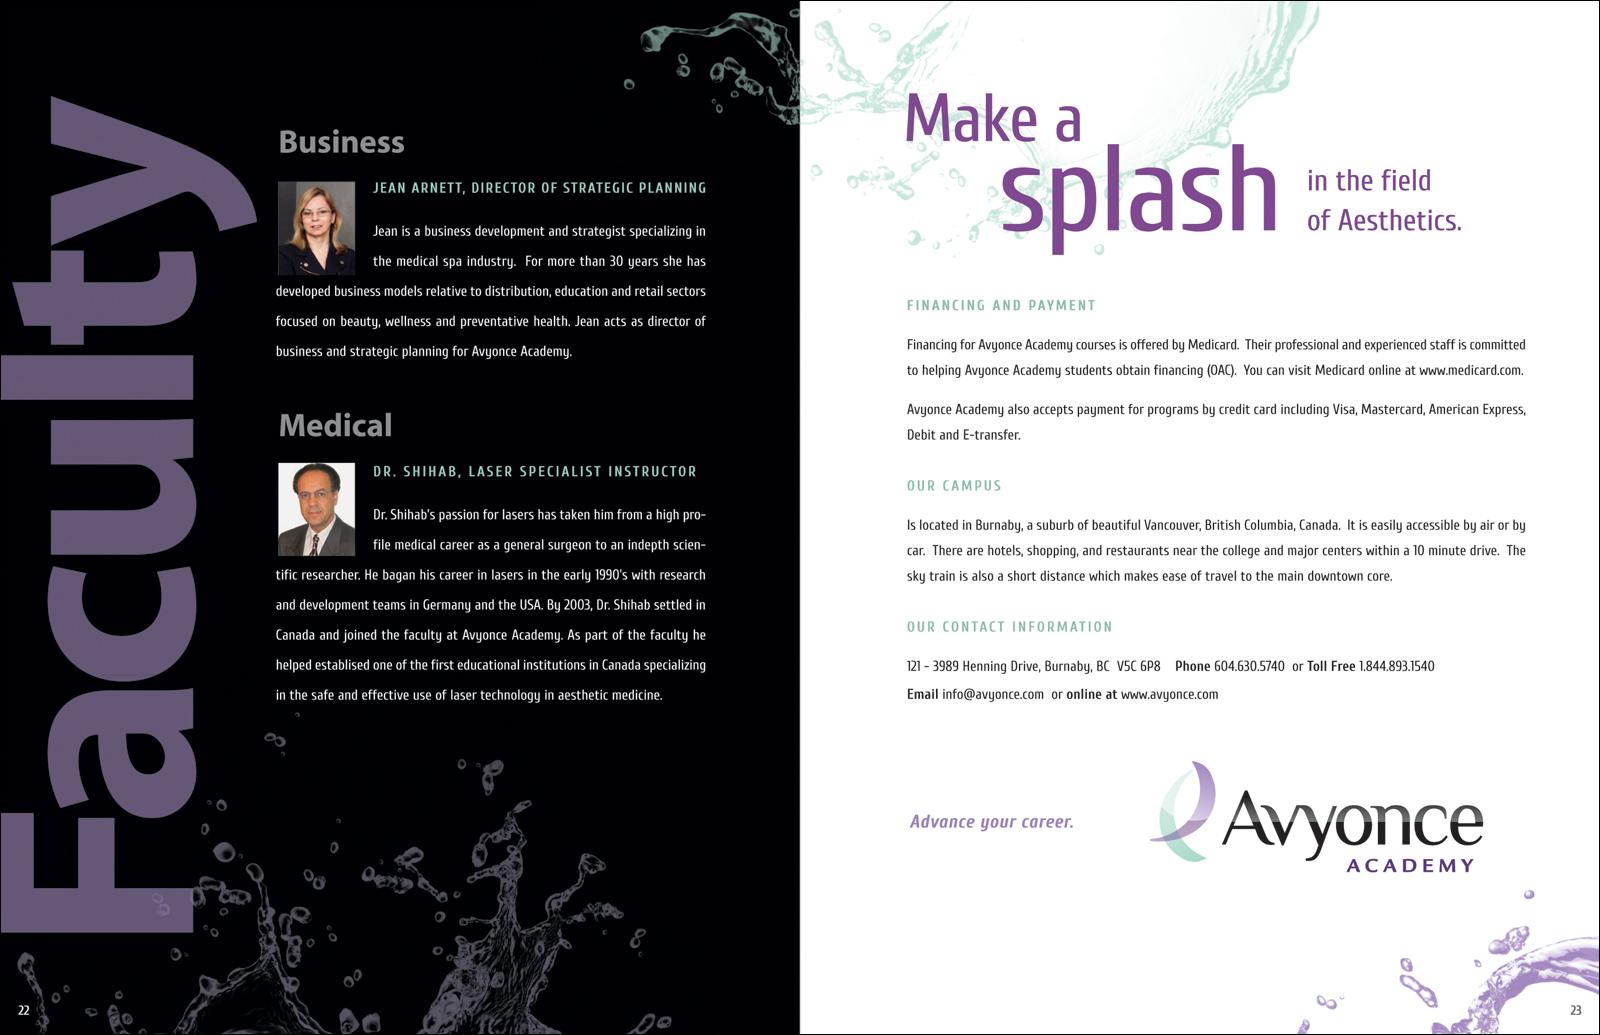 Avyonce-Academy-Brochure-12.jpg